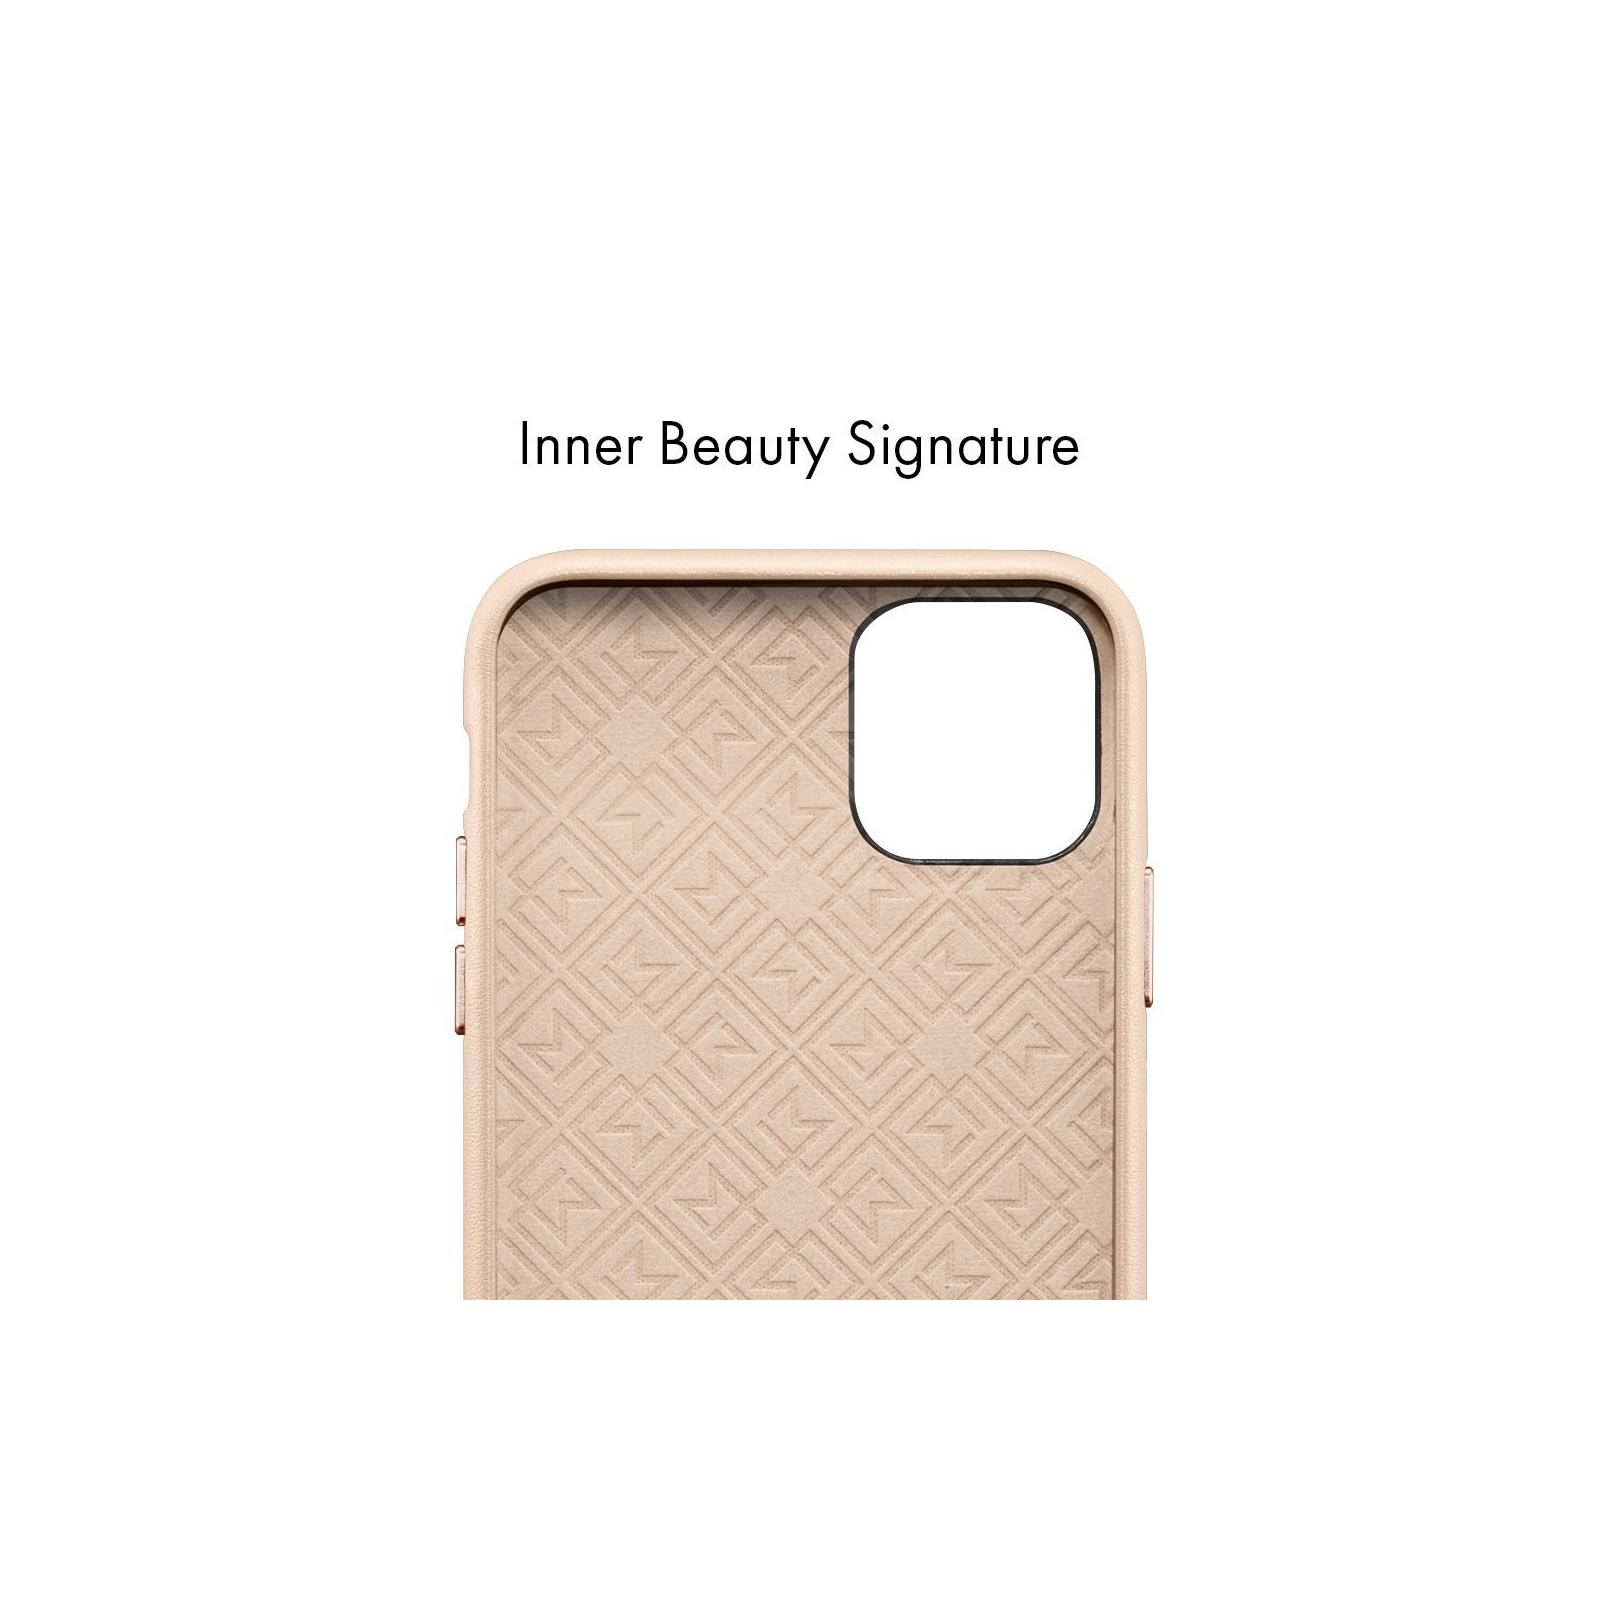 Чехол для моб. телефона Spigen iPhone 11 La Manon calin, Camel Brown (076CS27091) изображение 3